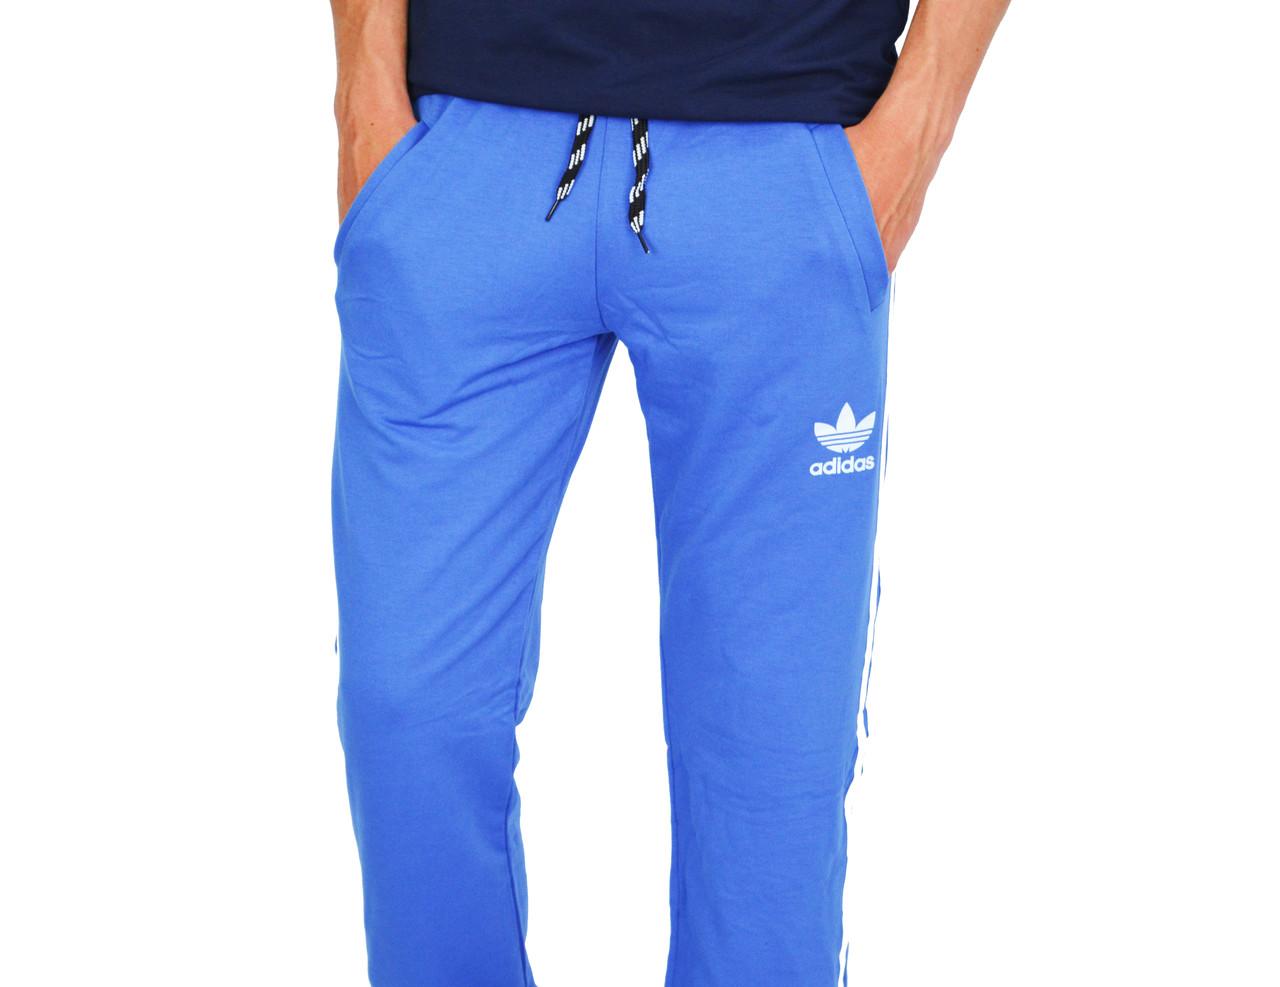 8374c658 Ярко-Синие мужские спортивные трикотажные штаны с манжетами ADIDAS , цена  320 грн., купить Корюковка — Prom.ua (ID#569562490)